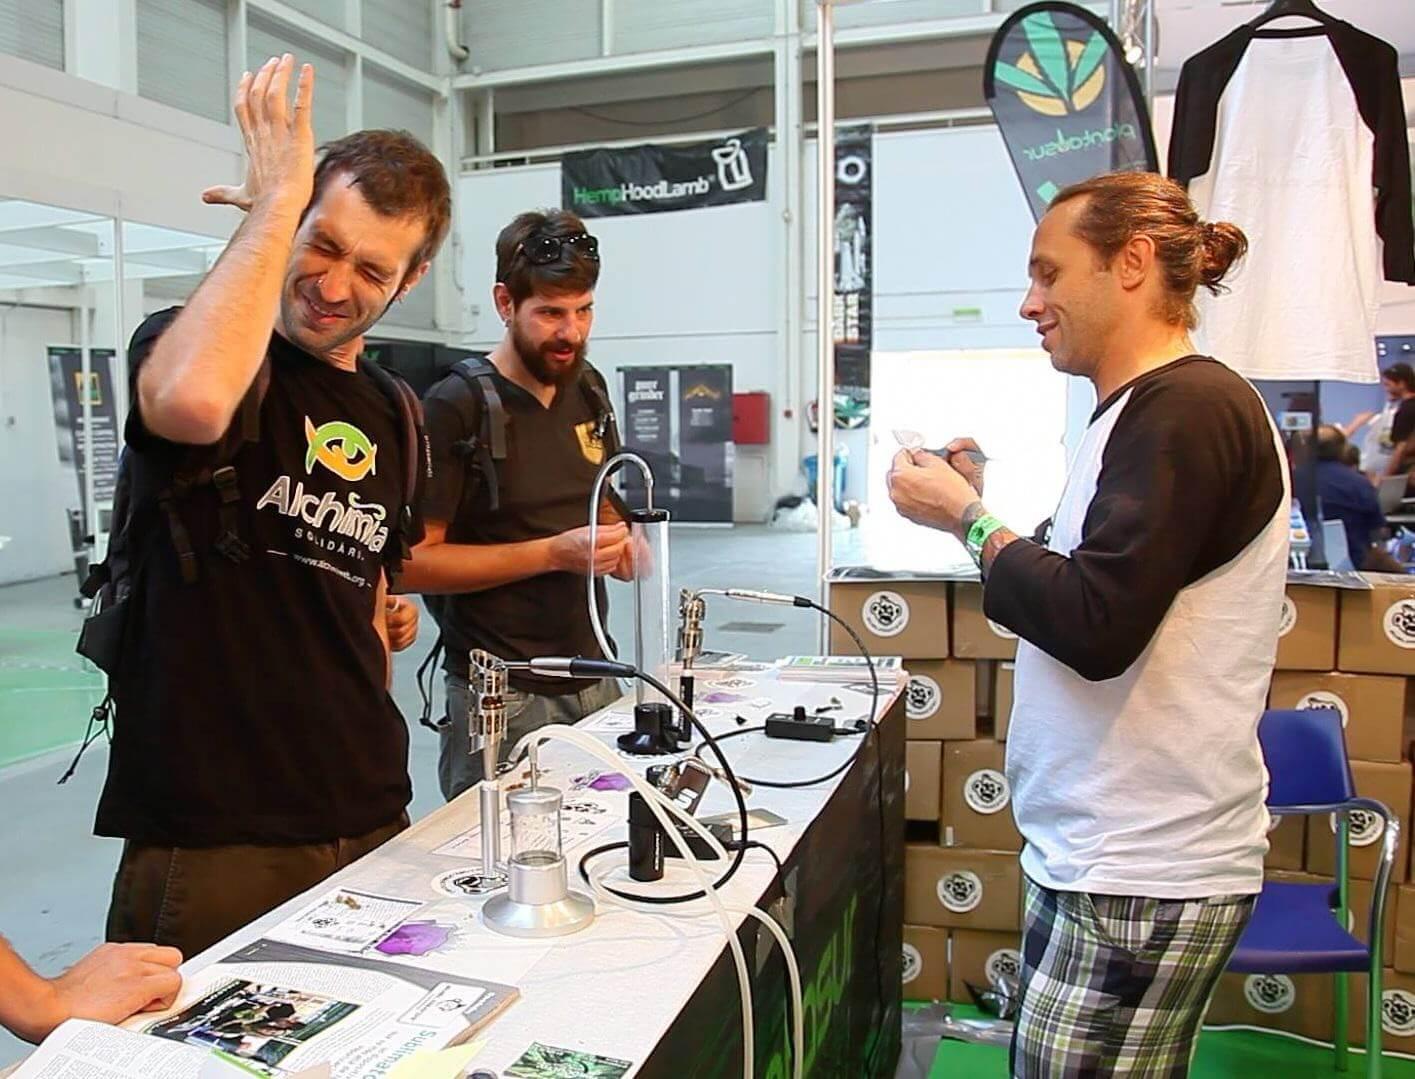 Enrico Bouchard présente son Sublimator à l'équipe d'Alchimia